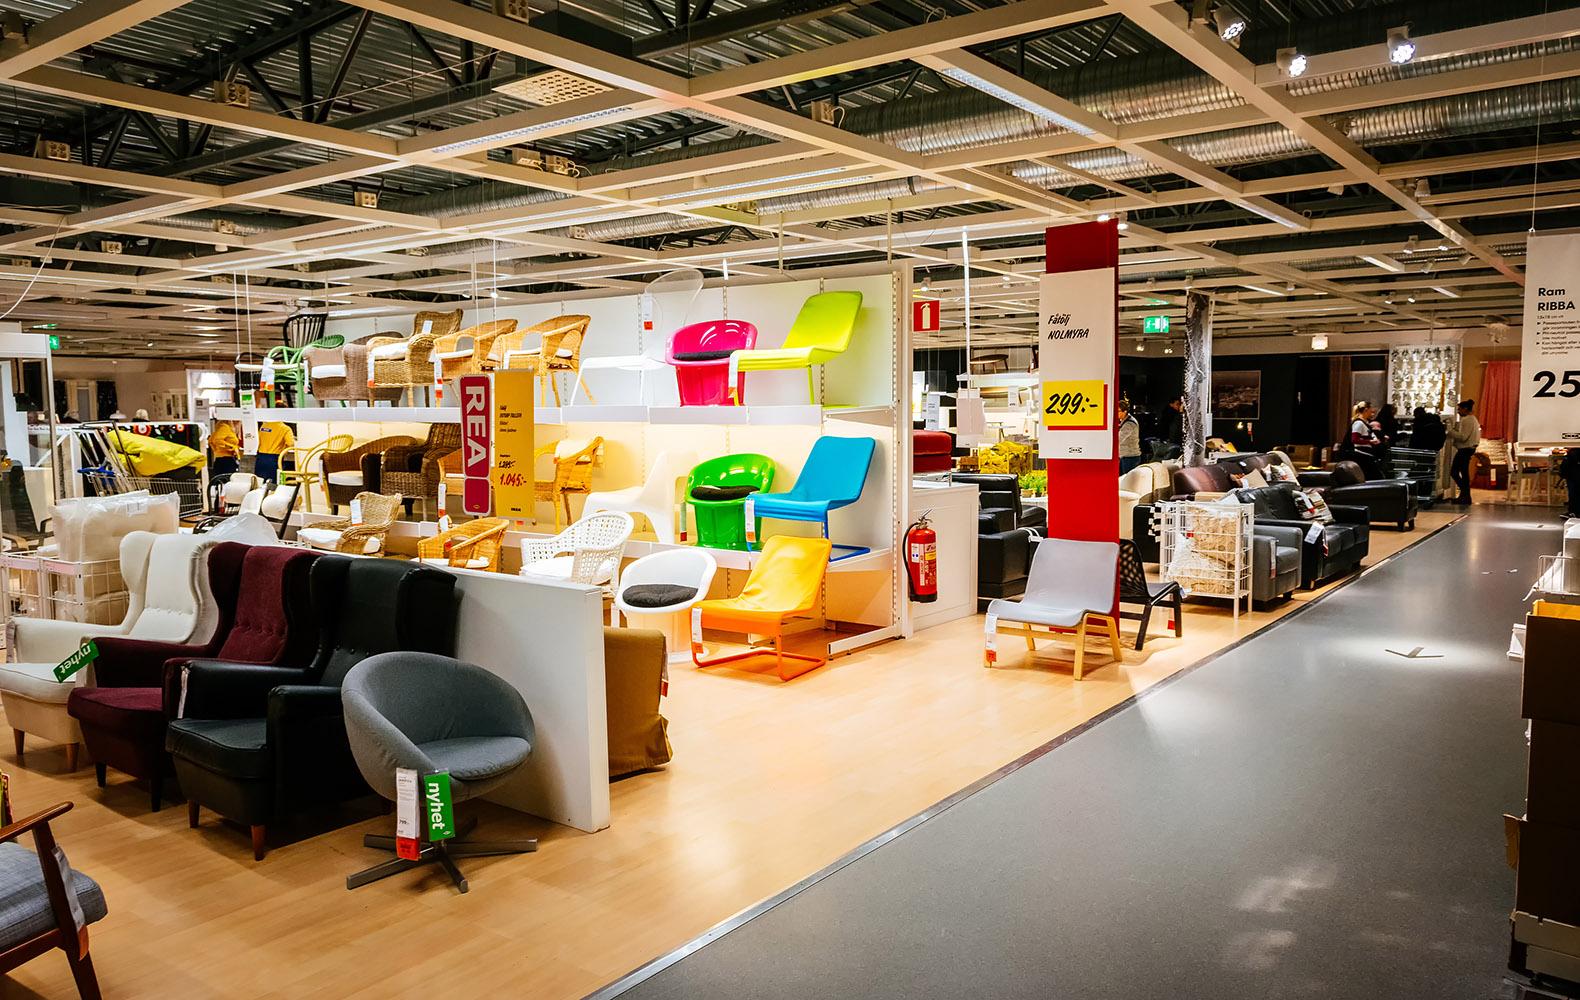 IKEA SE ASOCIA CON LEGO Y ADIDAS EN NUEVOS PRODUCTOS COMO PERFUMES Y ALTAVOCES